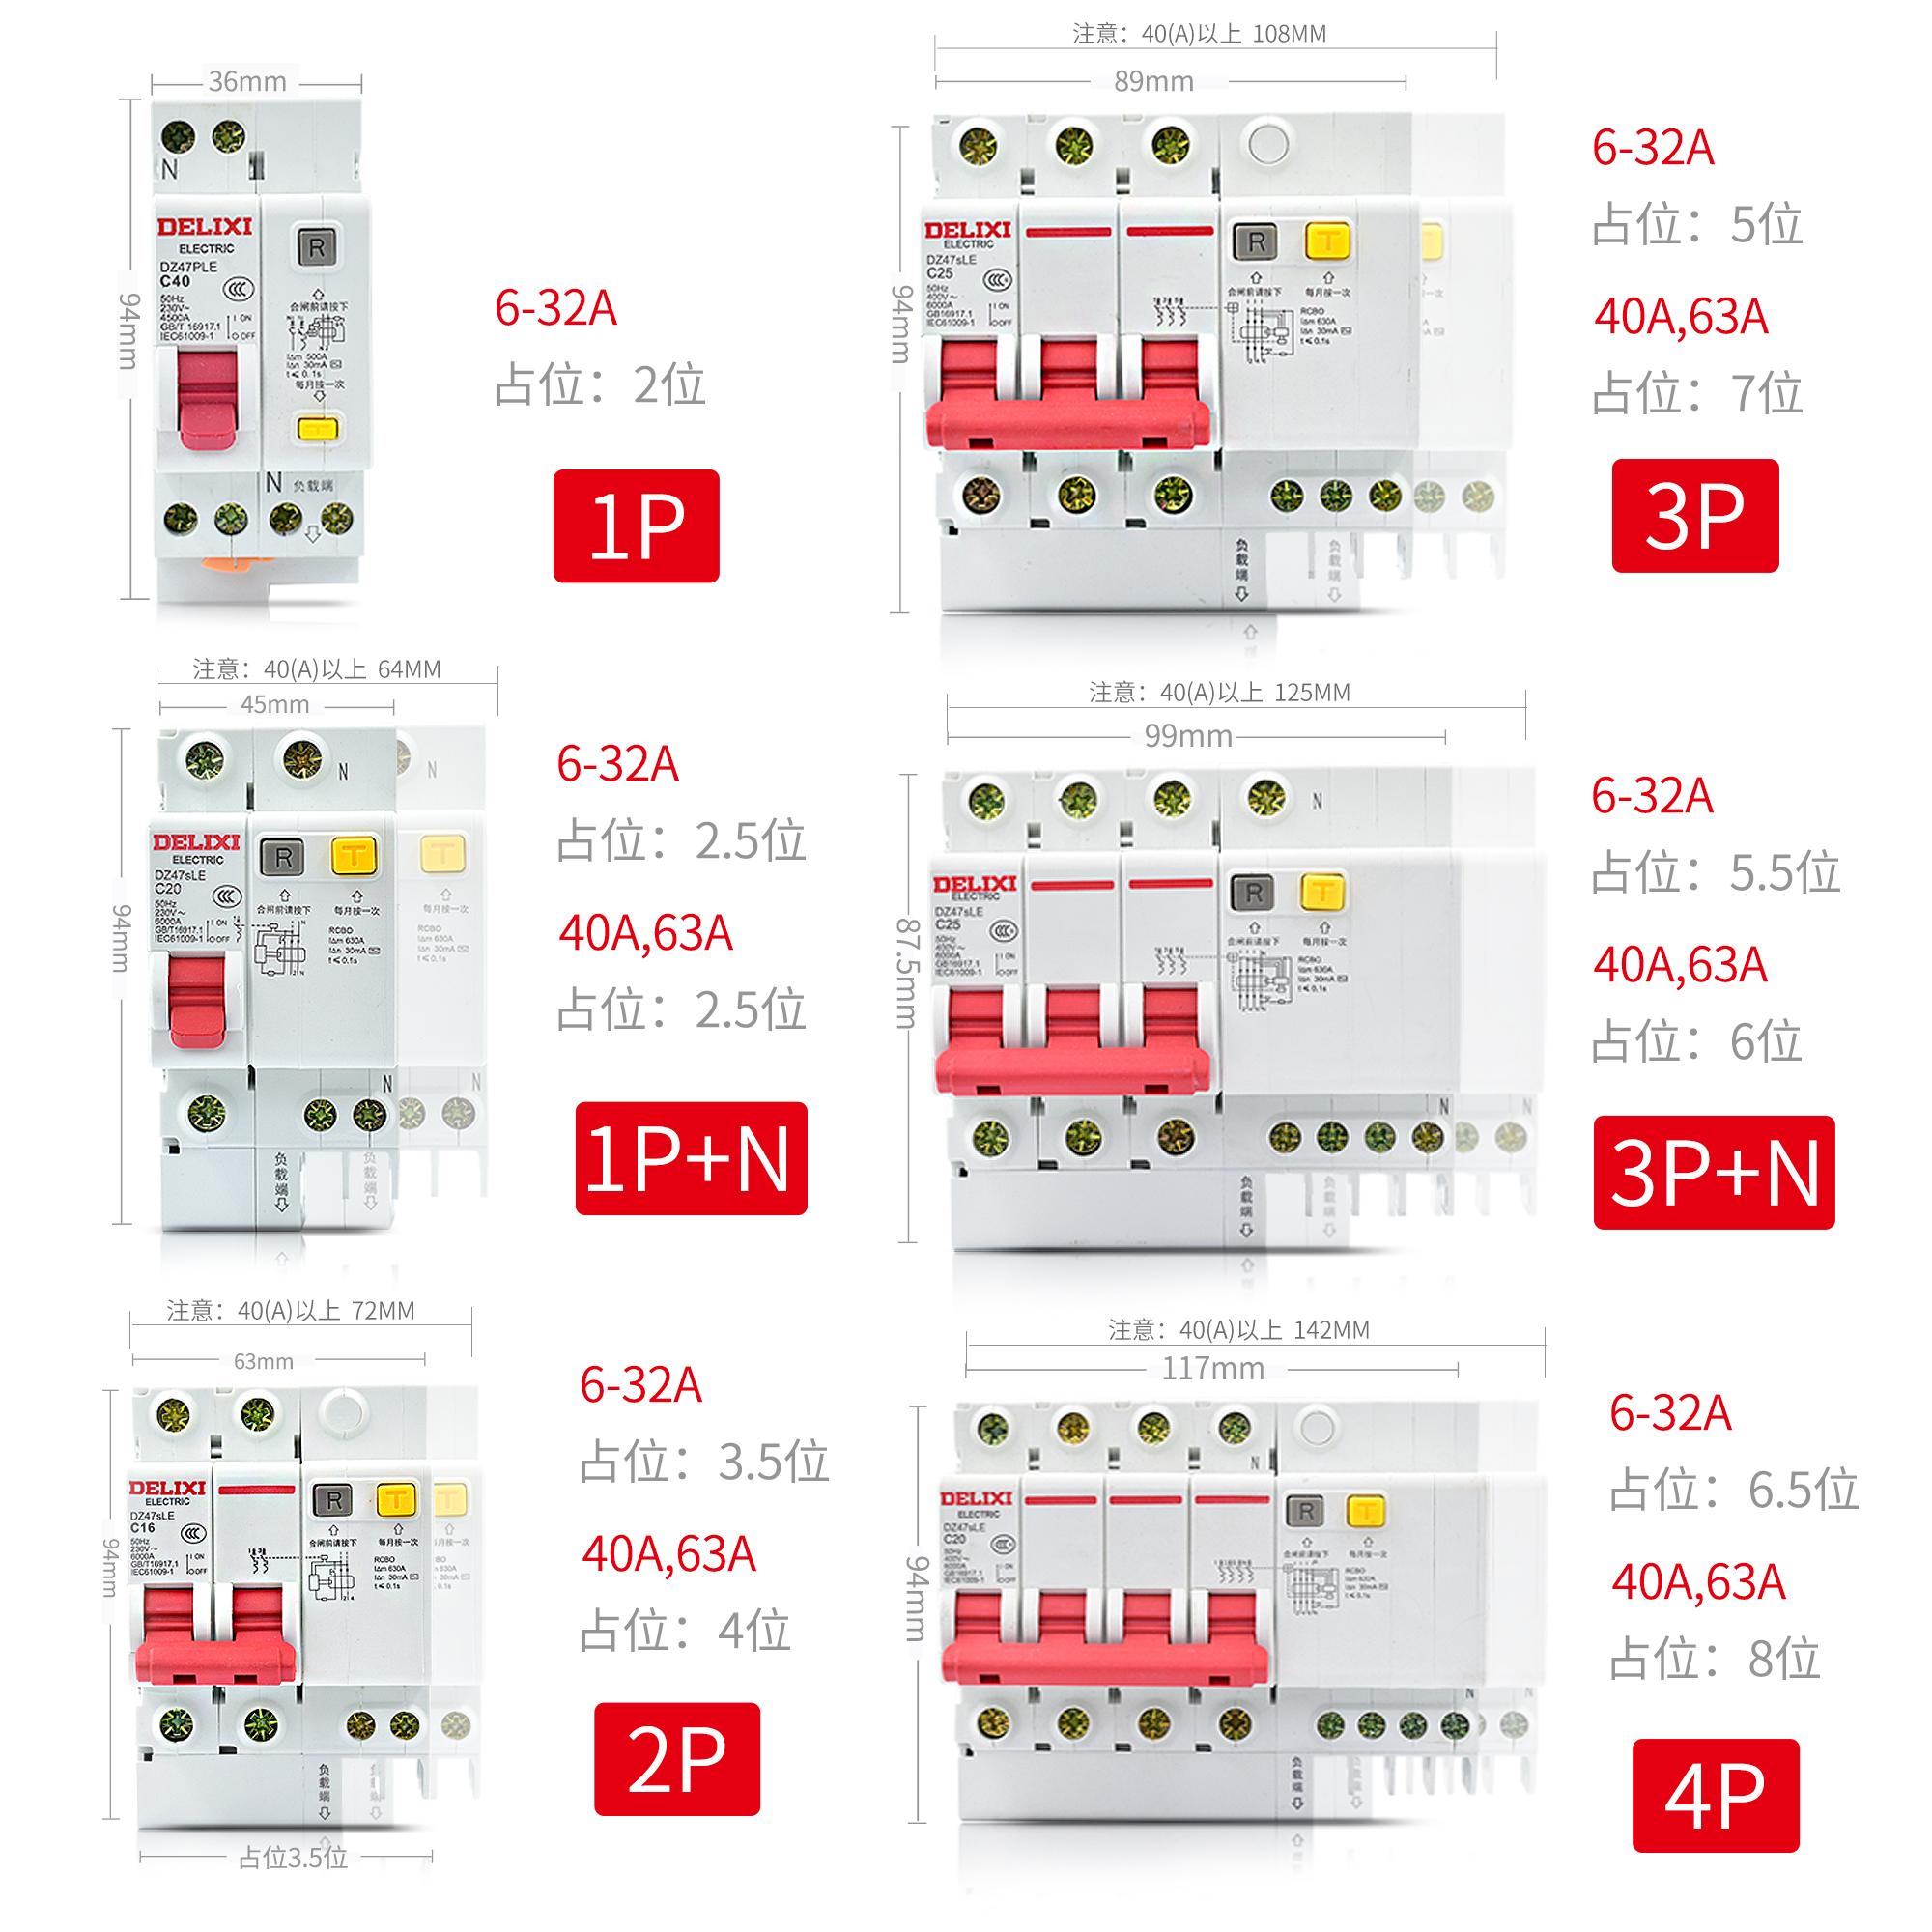 德力西DZ47sLE漏电保护器断路器dz47le-63家用漏保开关4P2P32A40A